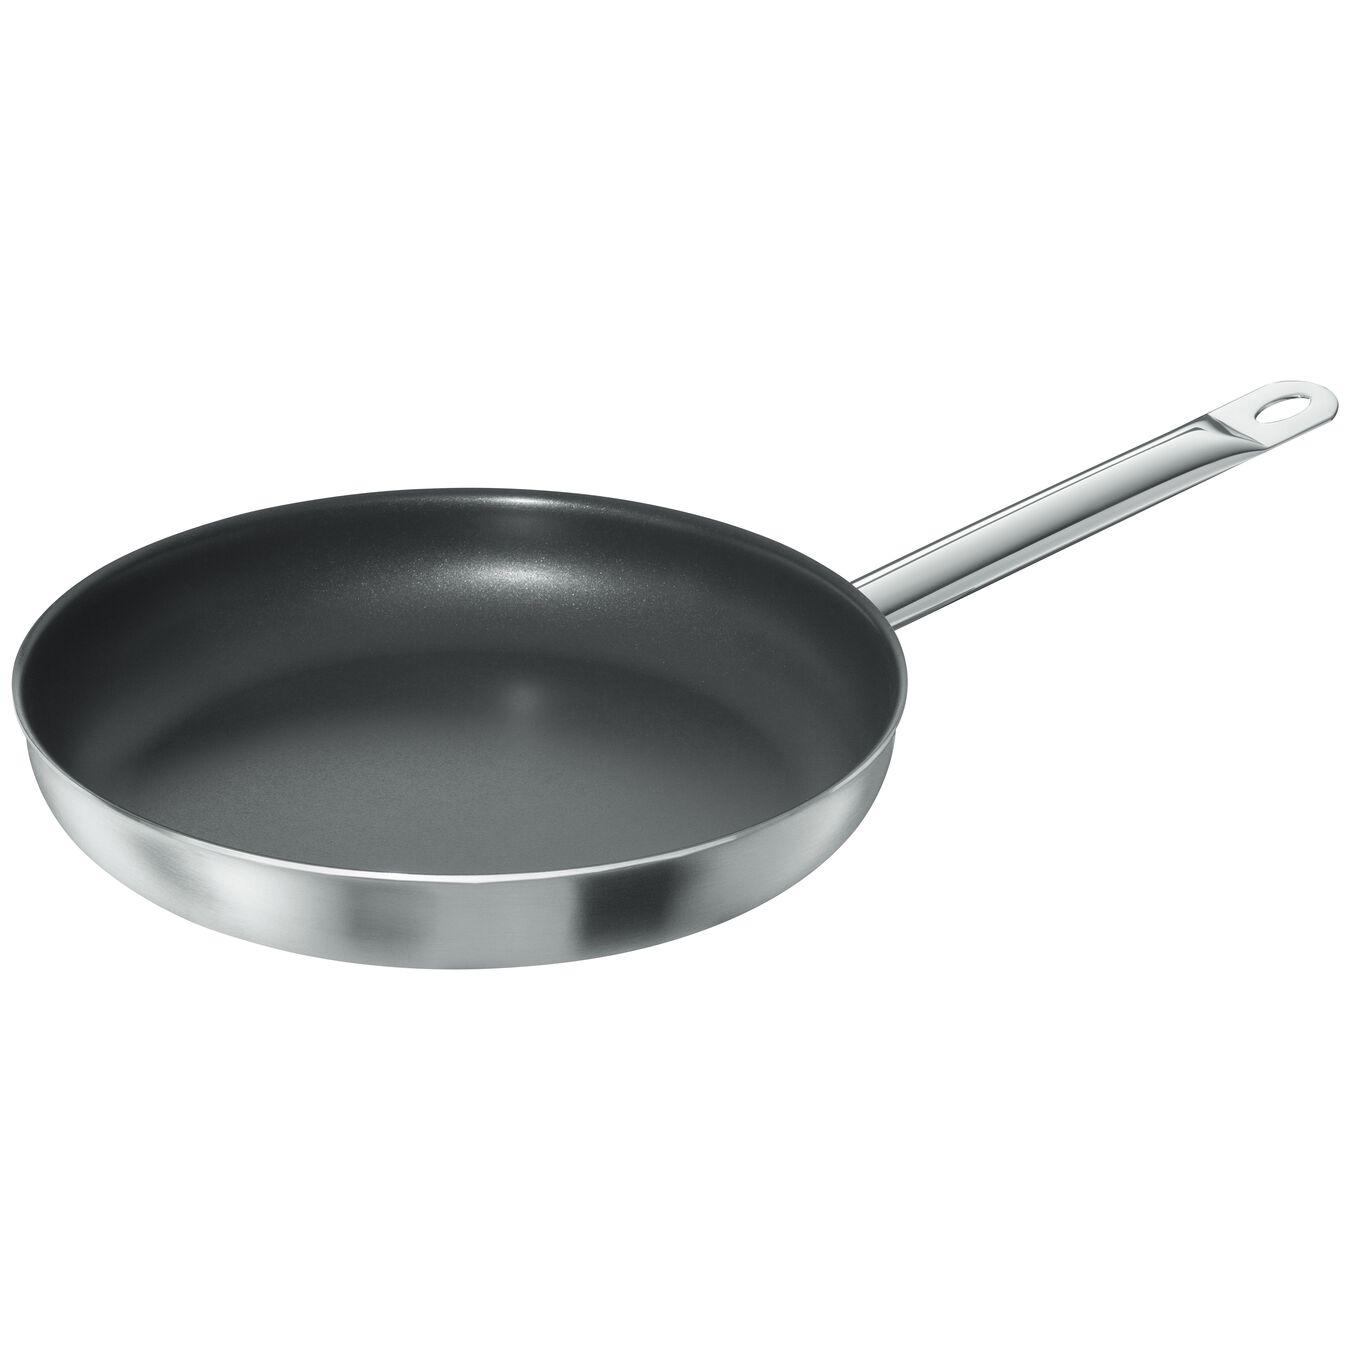 Poêle 32 cm, Inox 18/10, Noir argenté,,large 1